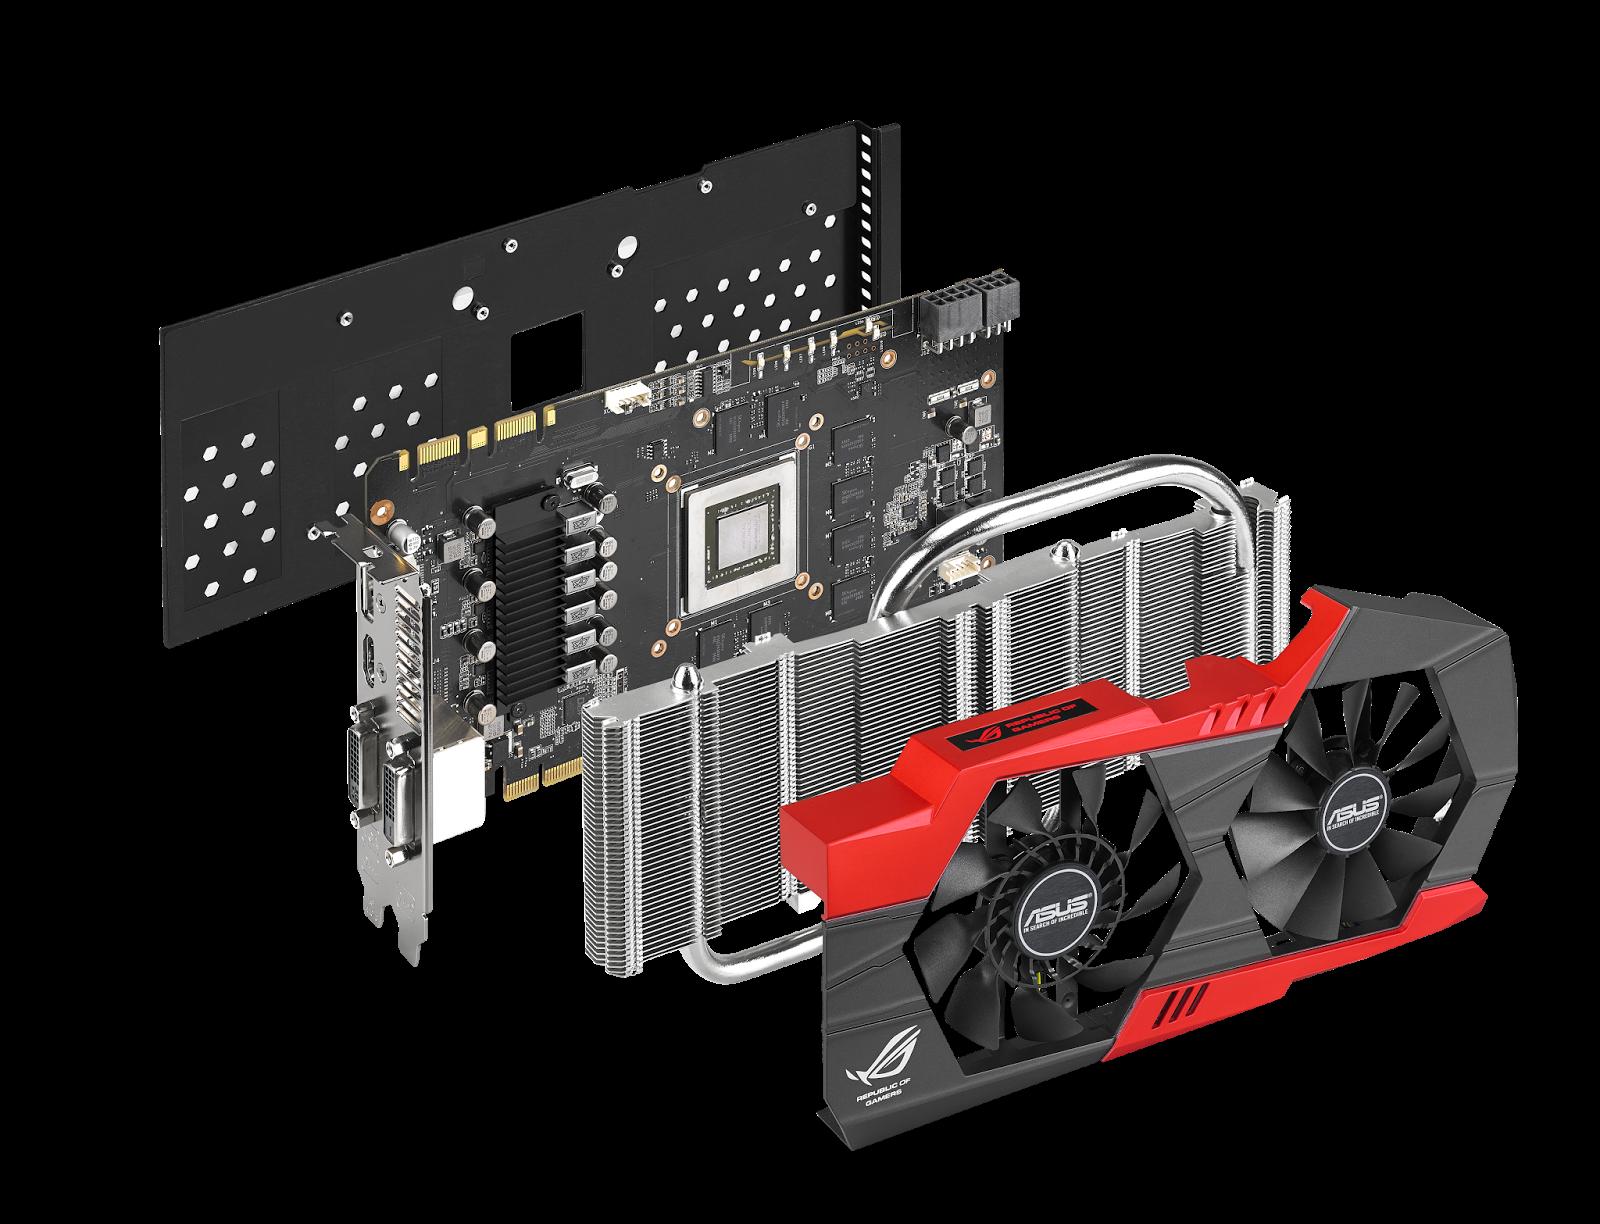 ASUS Republic of Gamers Announces Striker GTX 760 Platinum Gaming Graphics Card 11